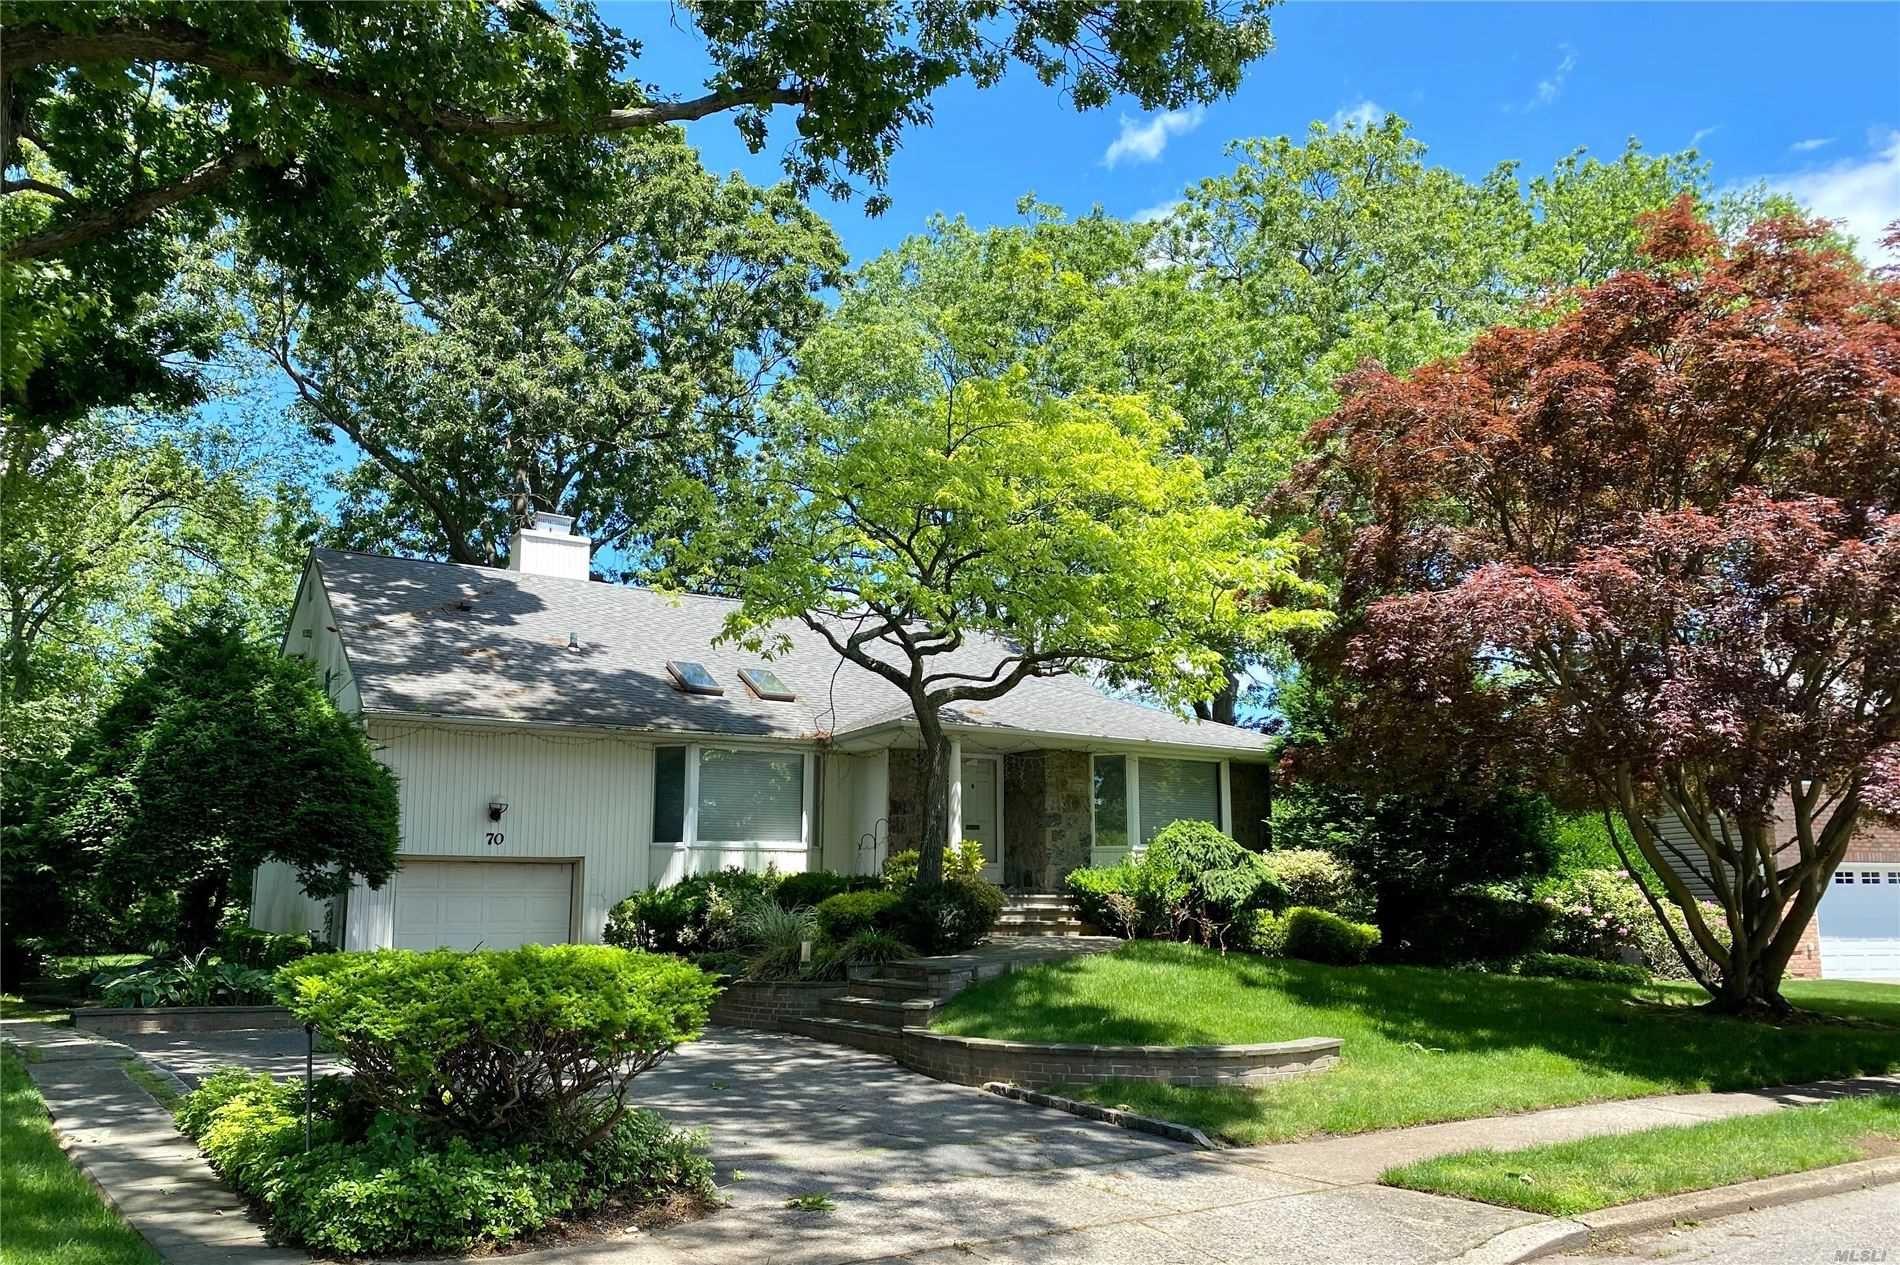 70 Magnolia Lane, Jericho, NY 11753 - MLS#: 3199215